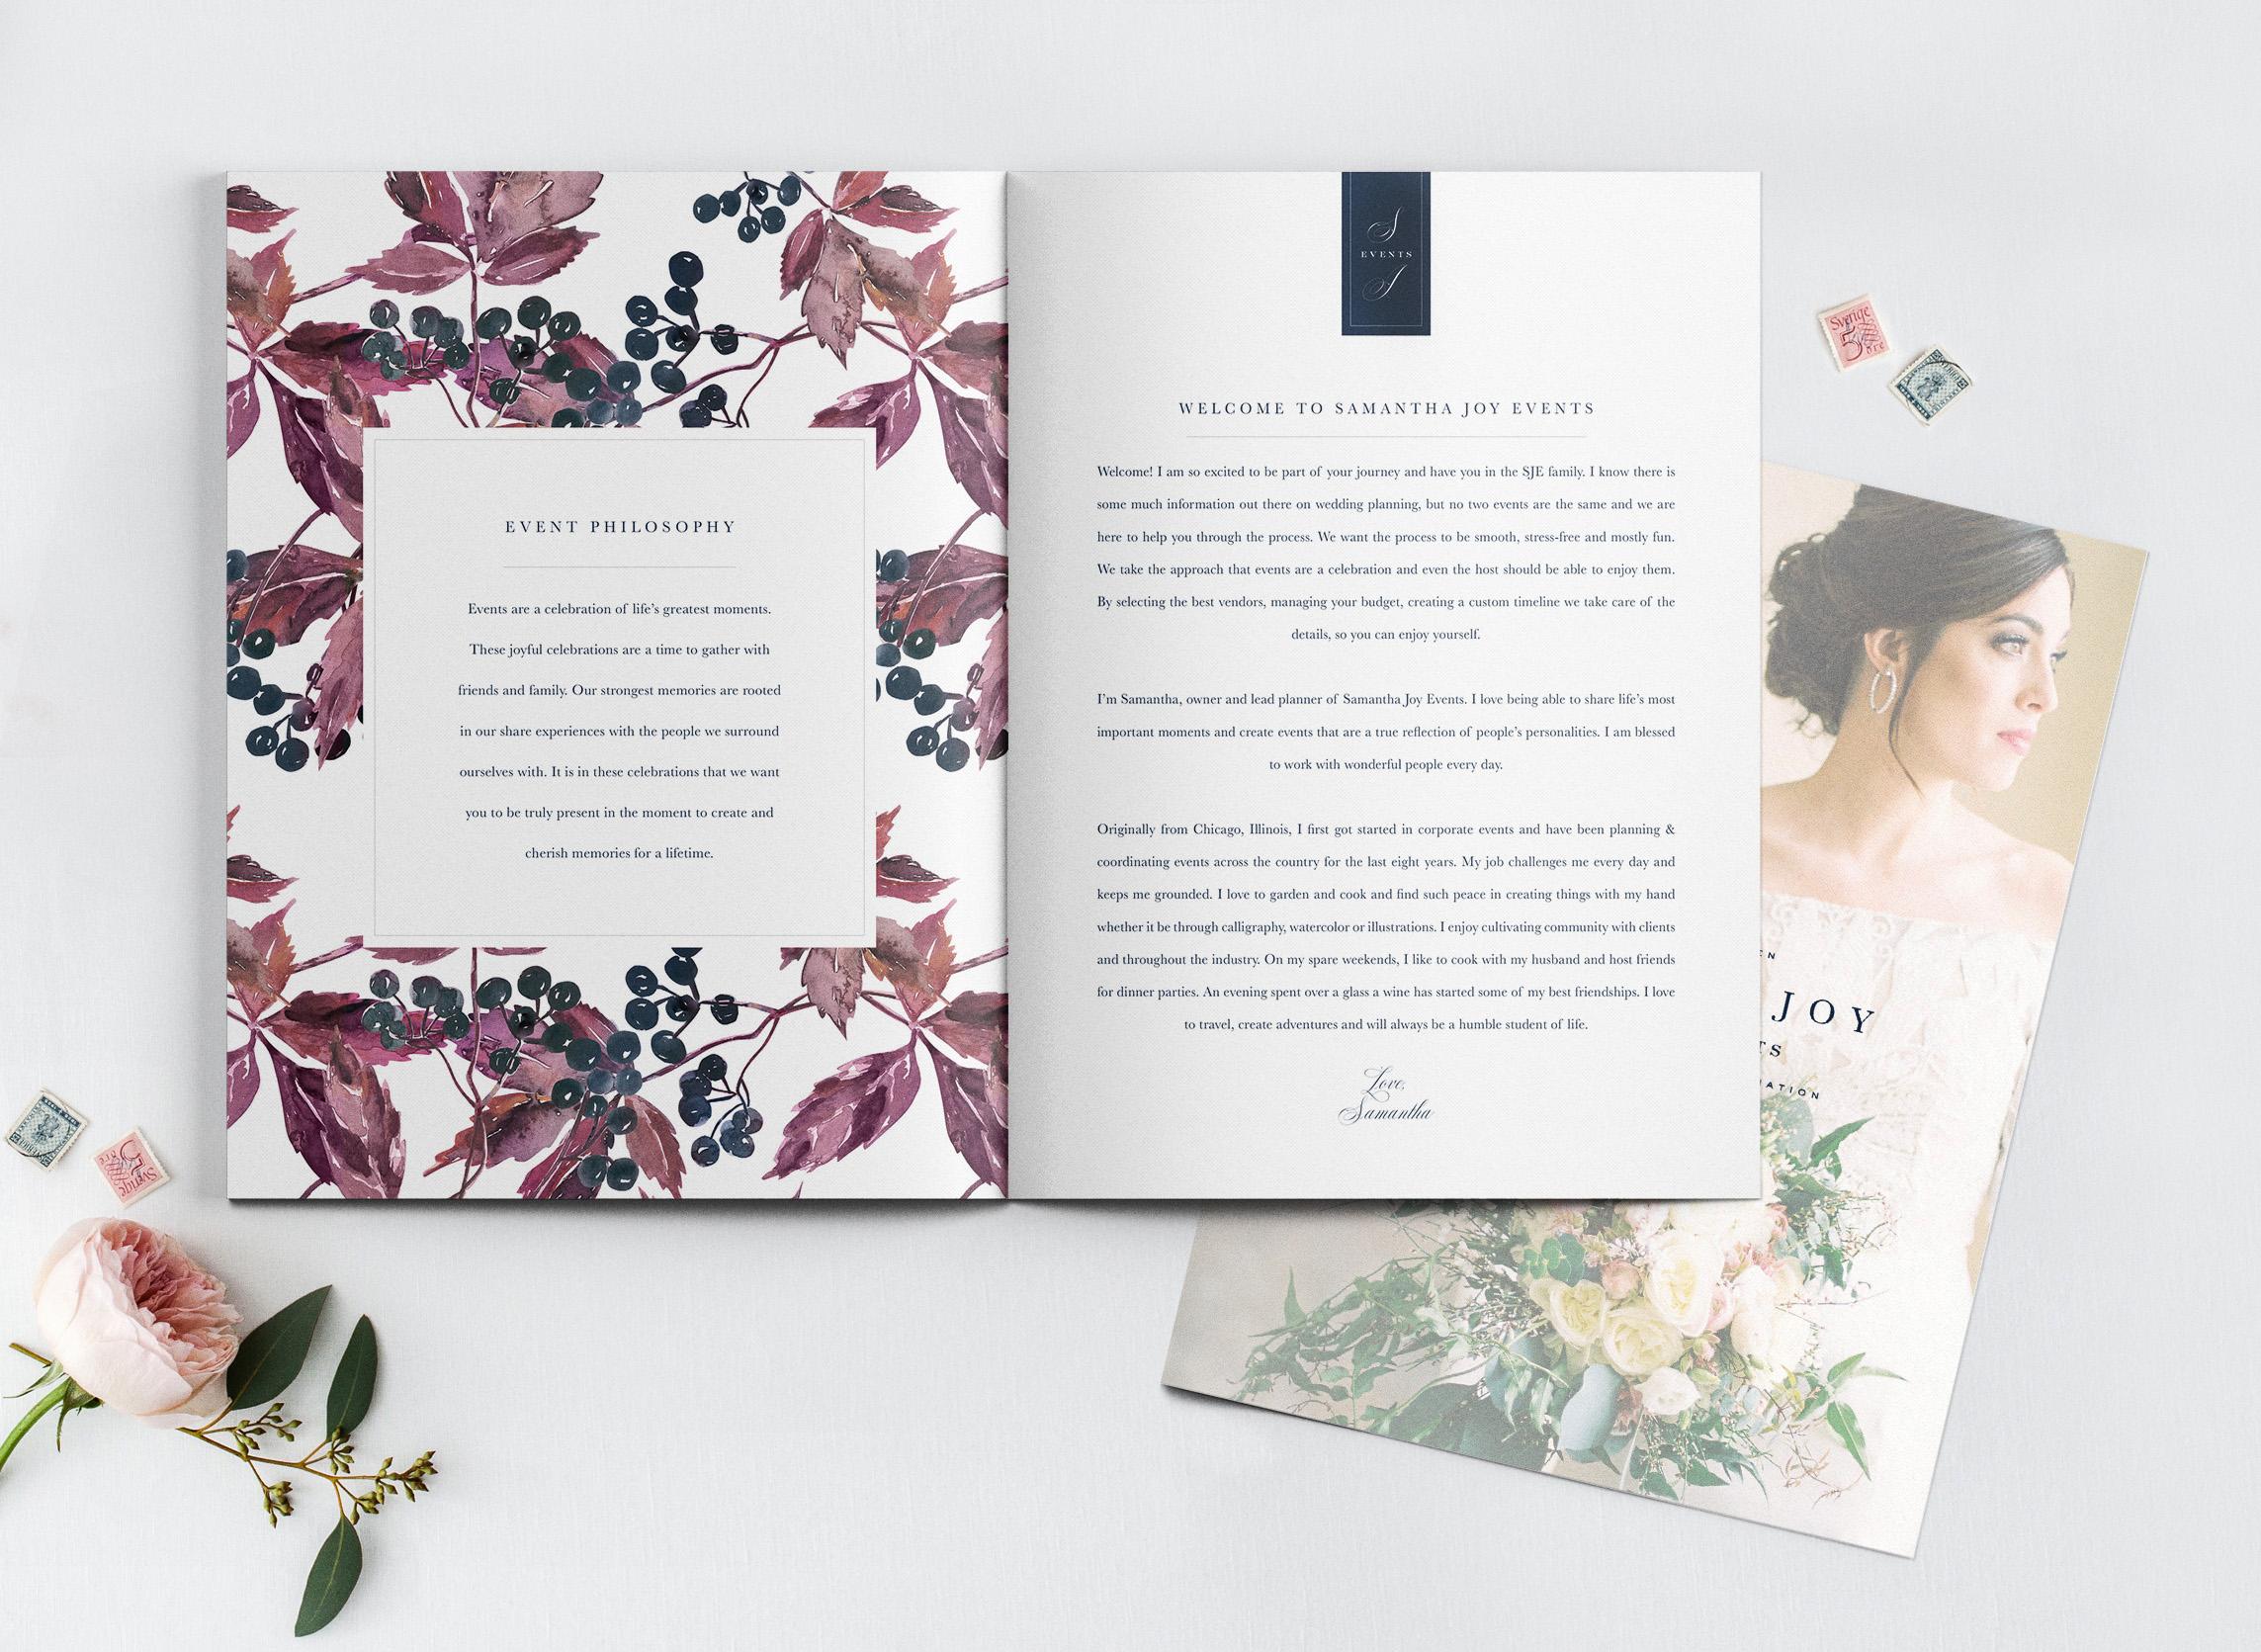 SJE_Welcome-Brochure_01.jpg